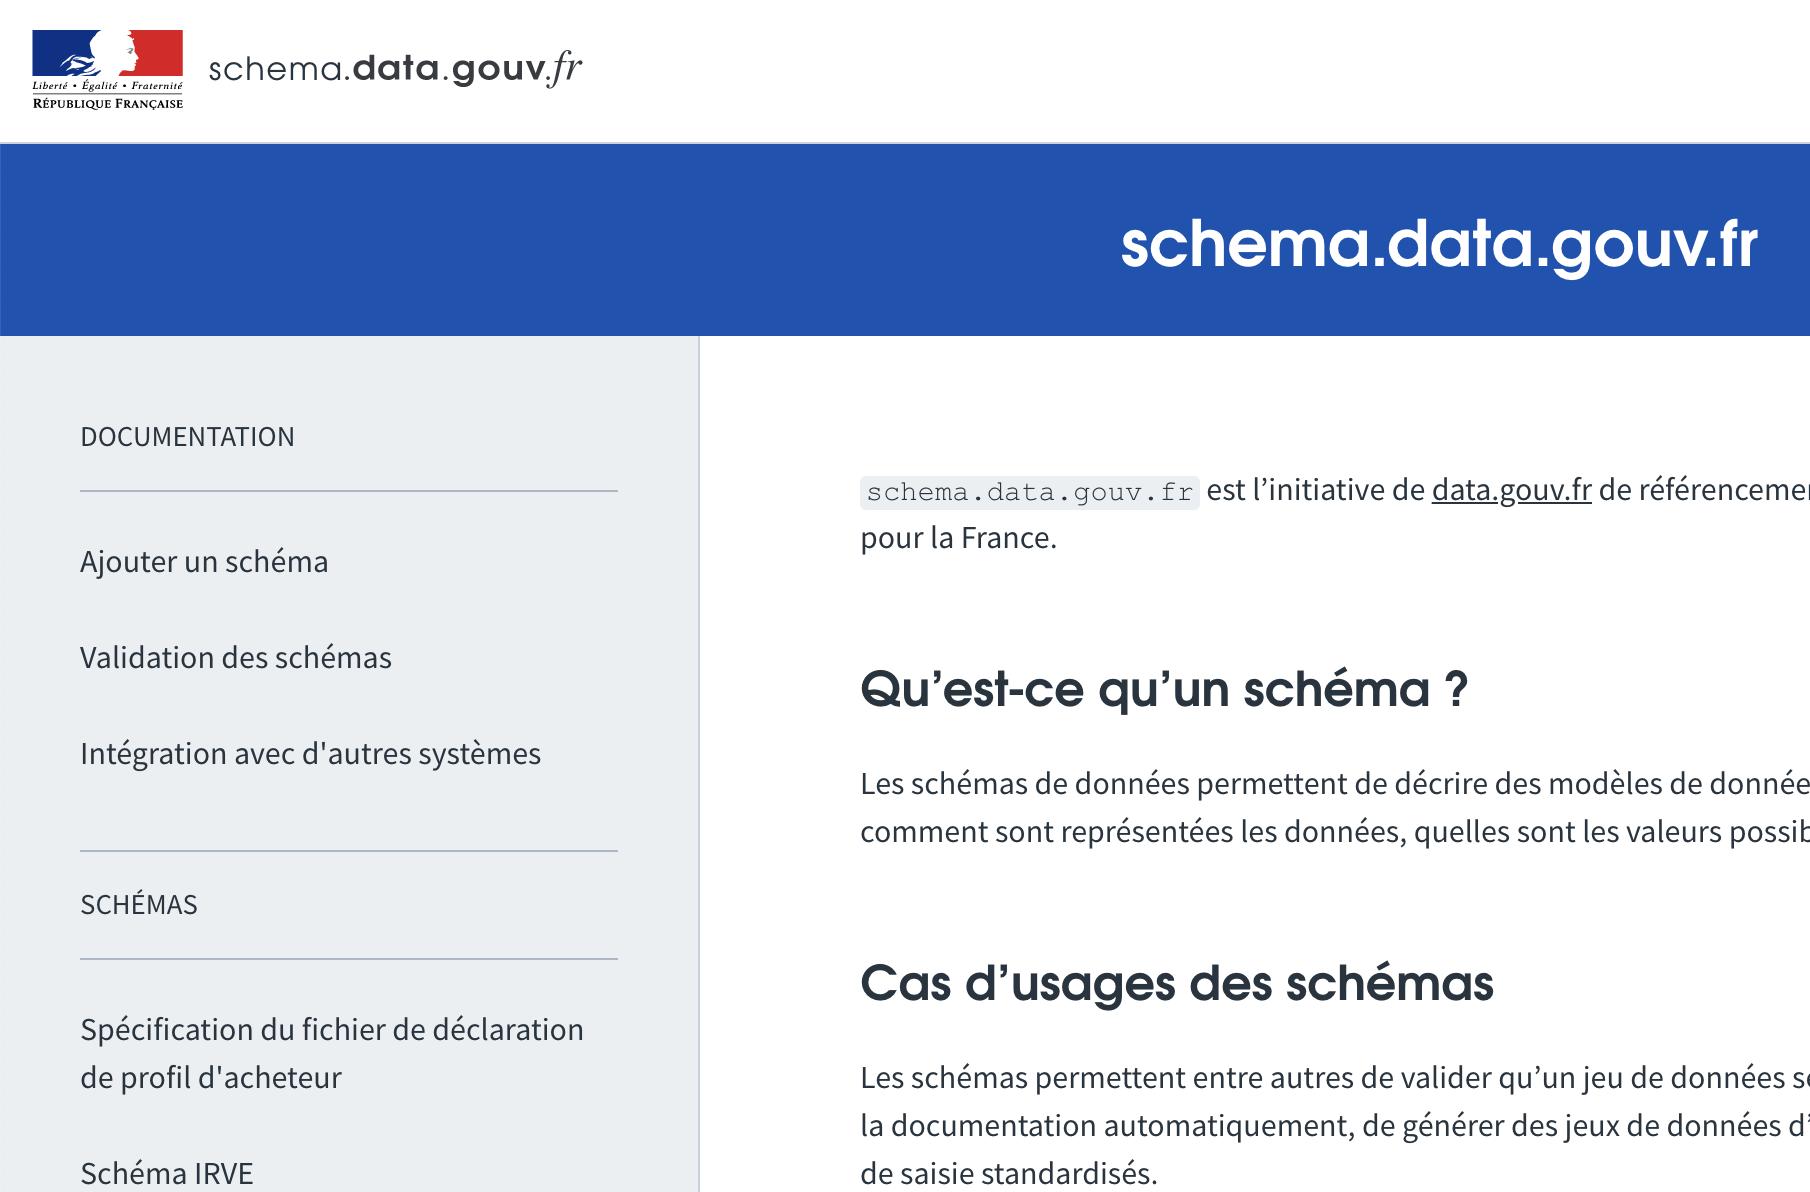 Lancement de schema.data.gouv.fr